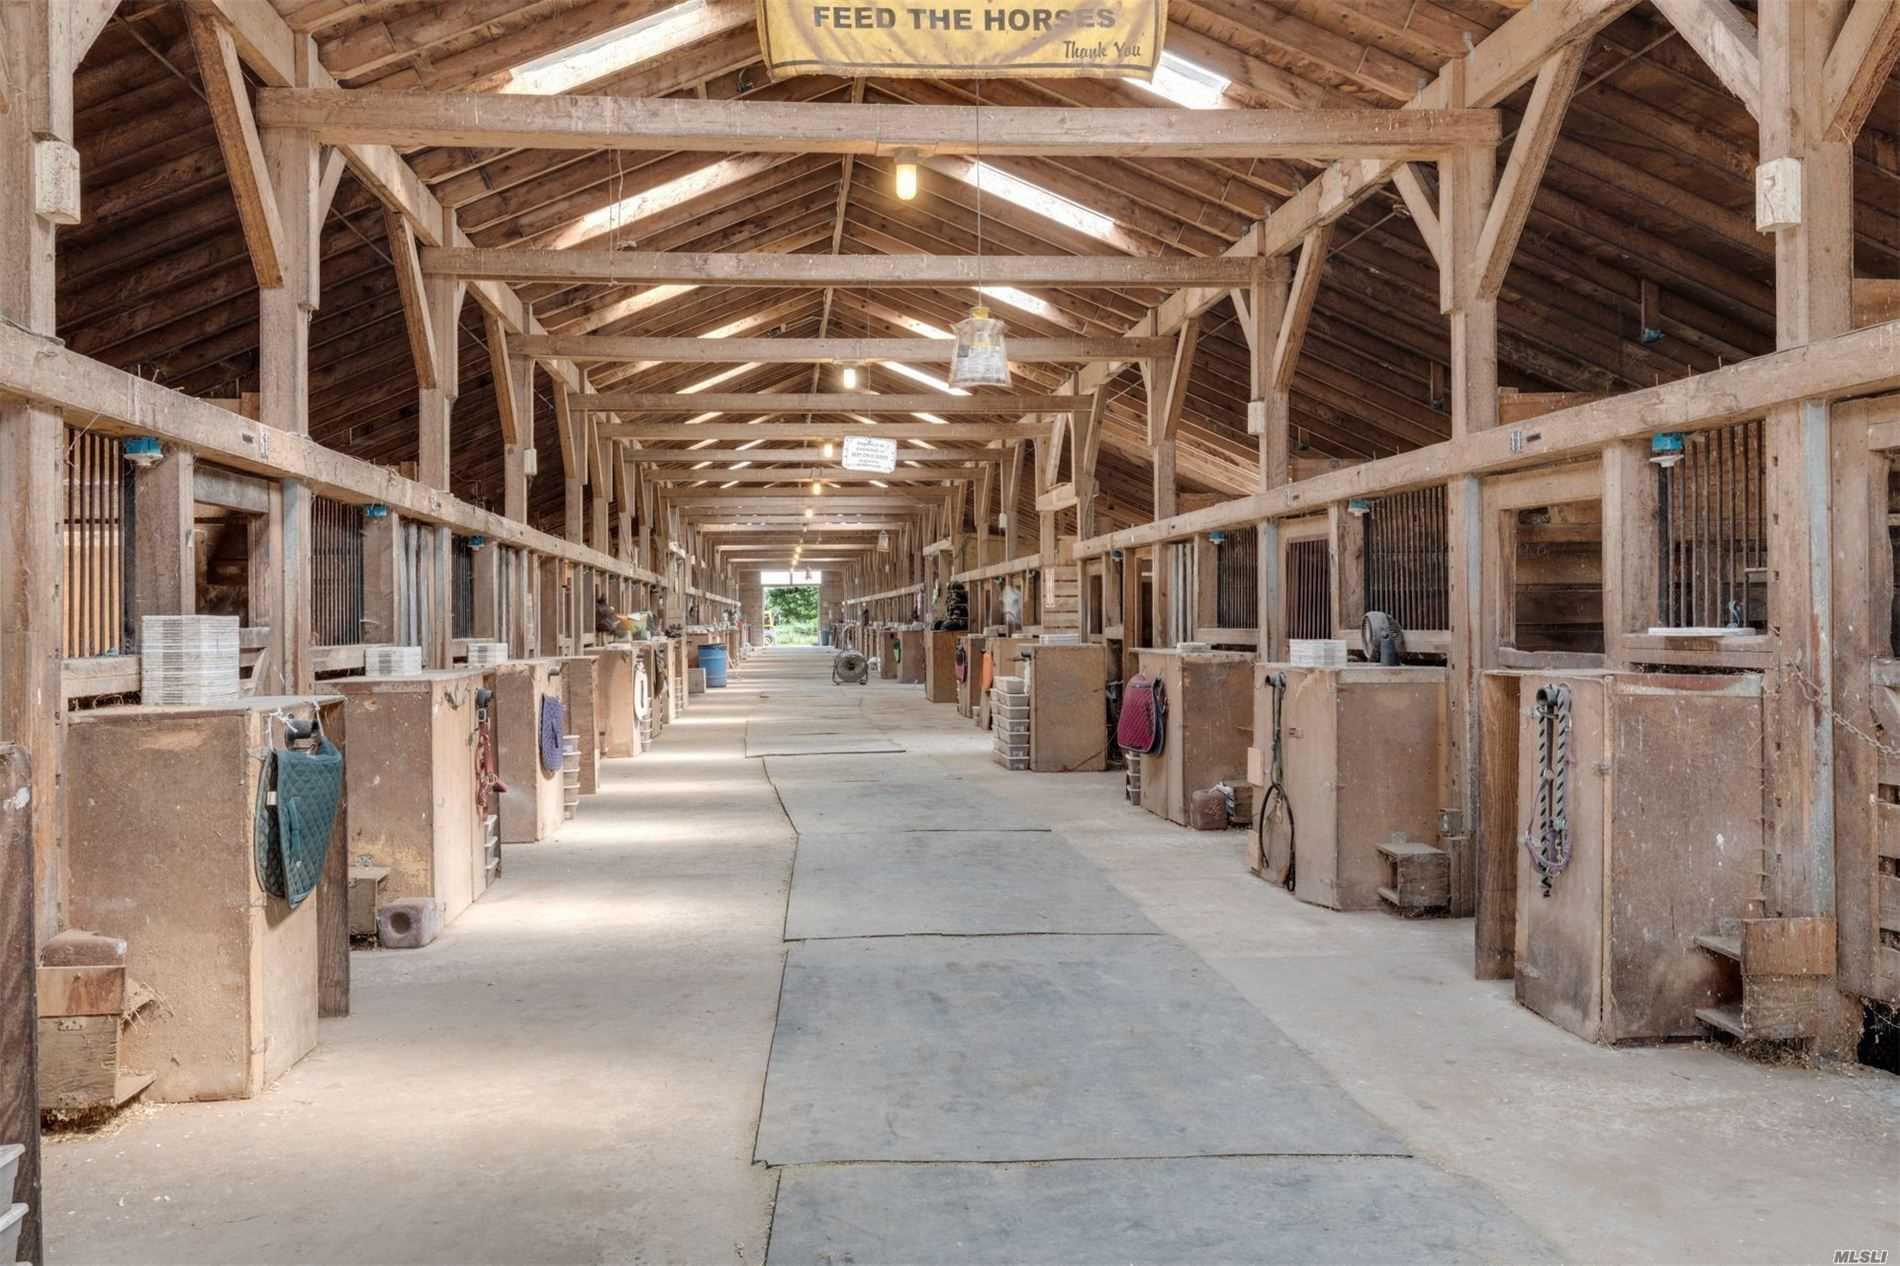 Dream Come True Equestrian Farm